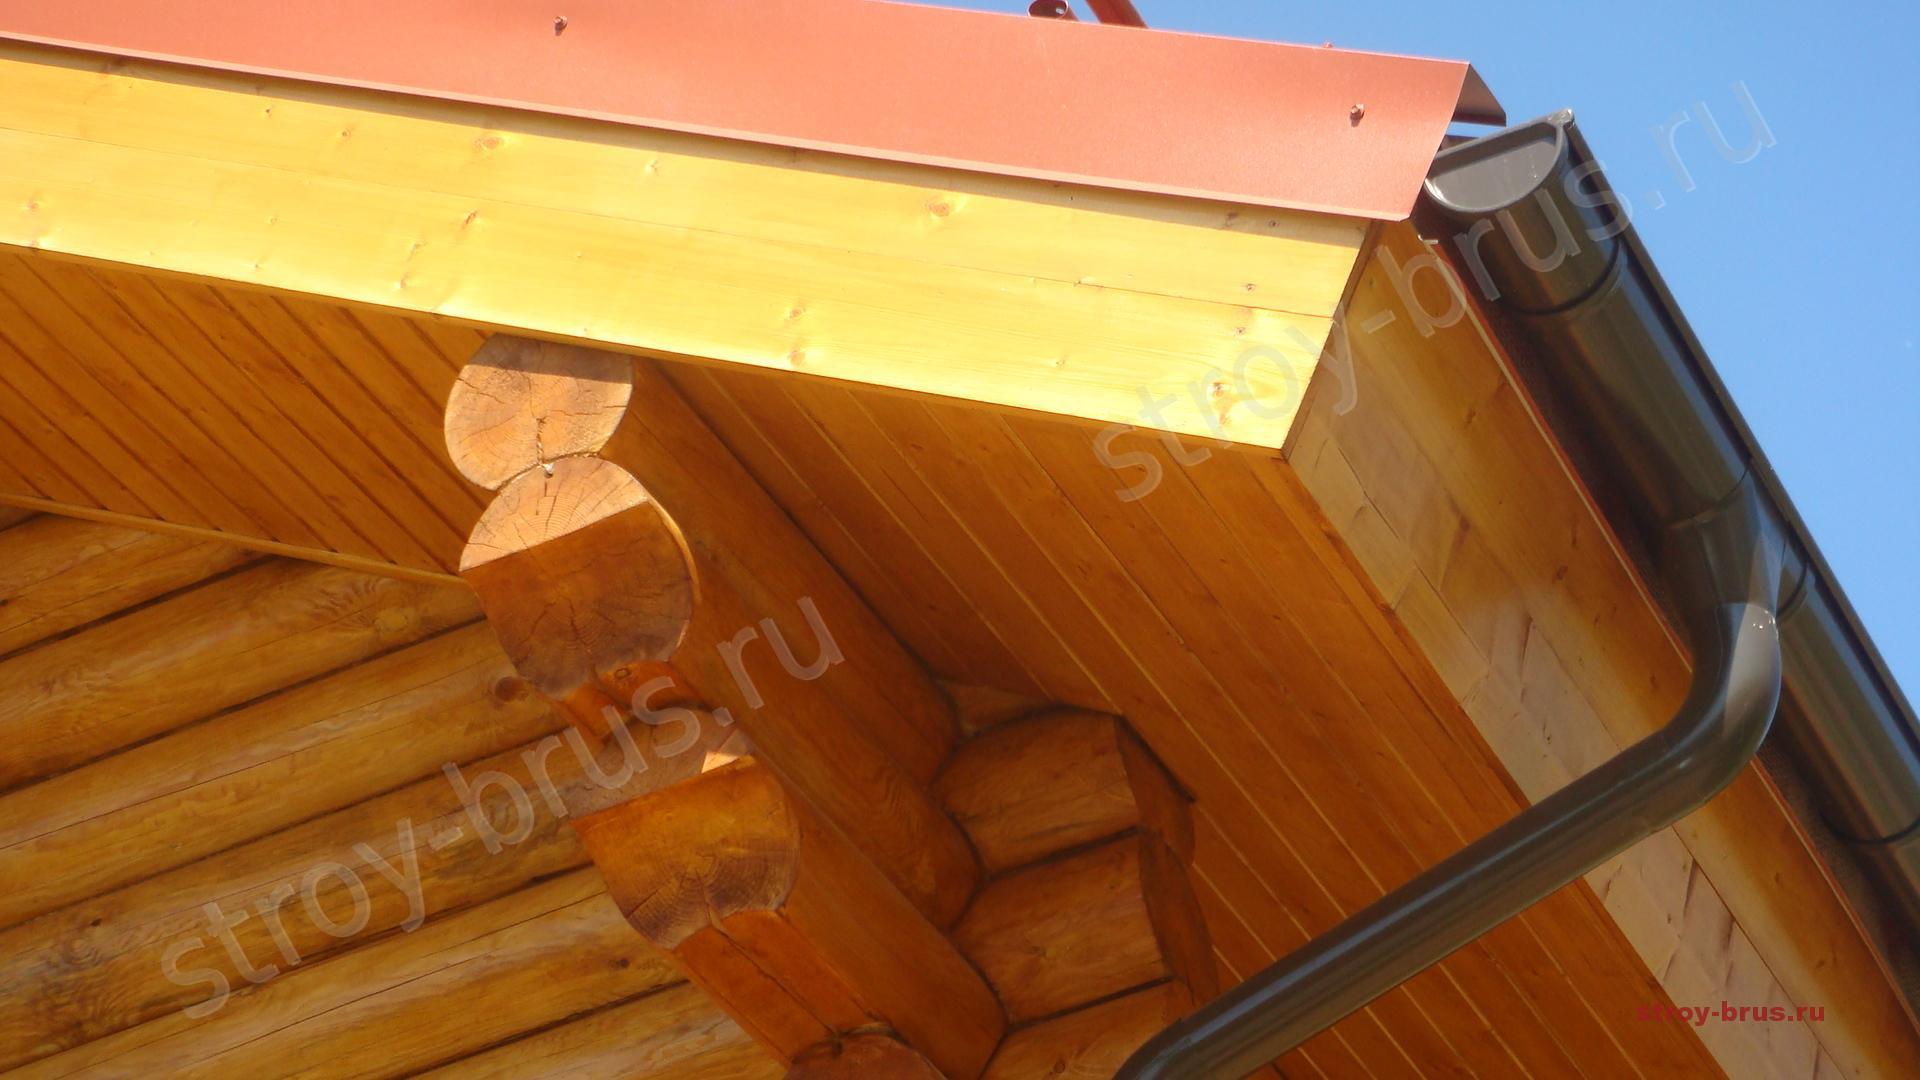 Подшивка карнизов крыши: инструкция, материалы, инструменты 28